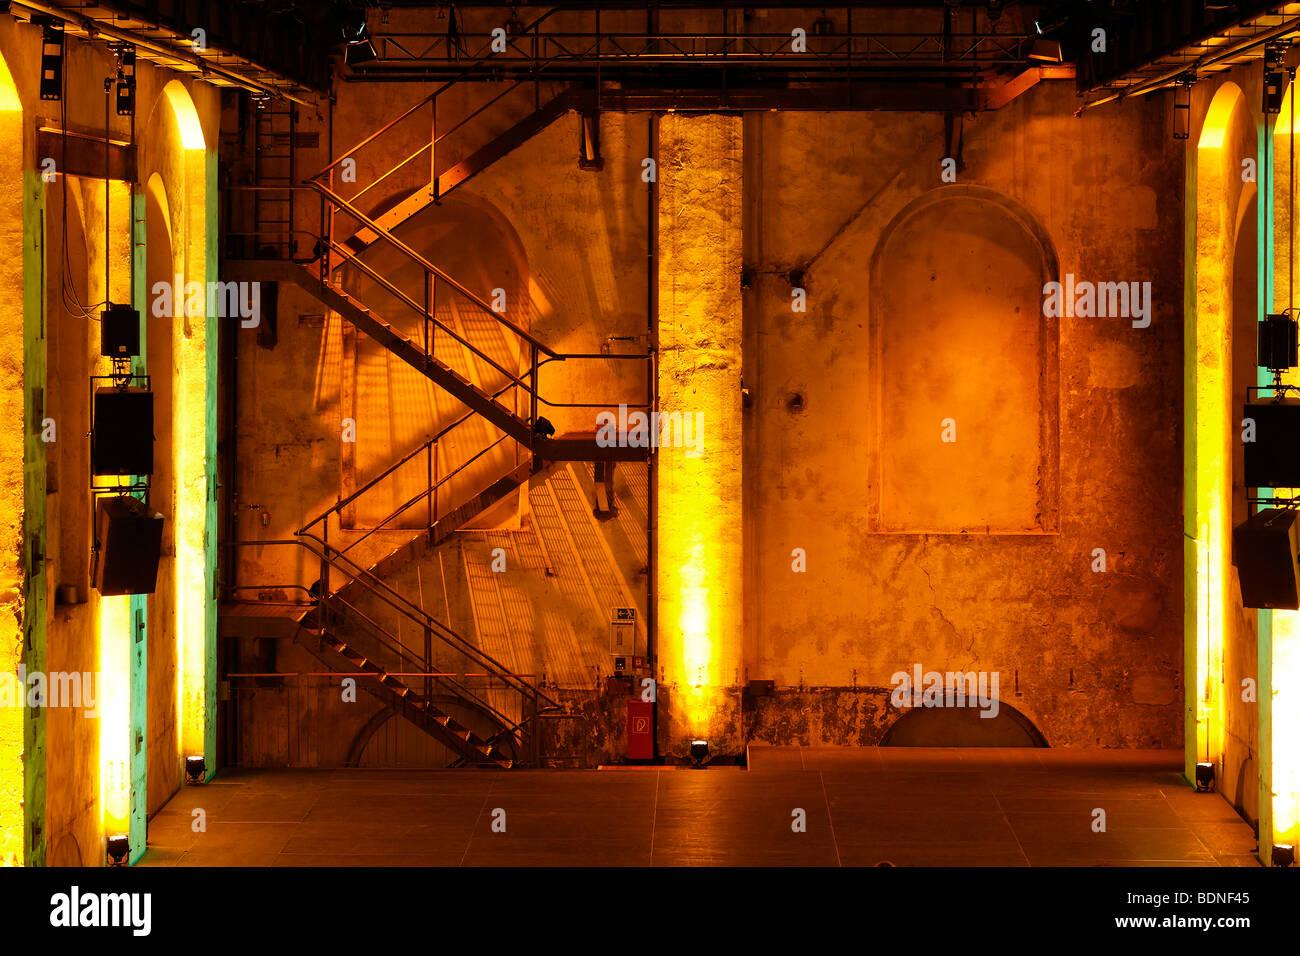 Concert hall in the former Geblaesehallen blower plant, illuminated, Landschaftspark landscape park Duisburg-Nord, - Stock Image